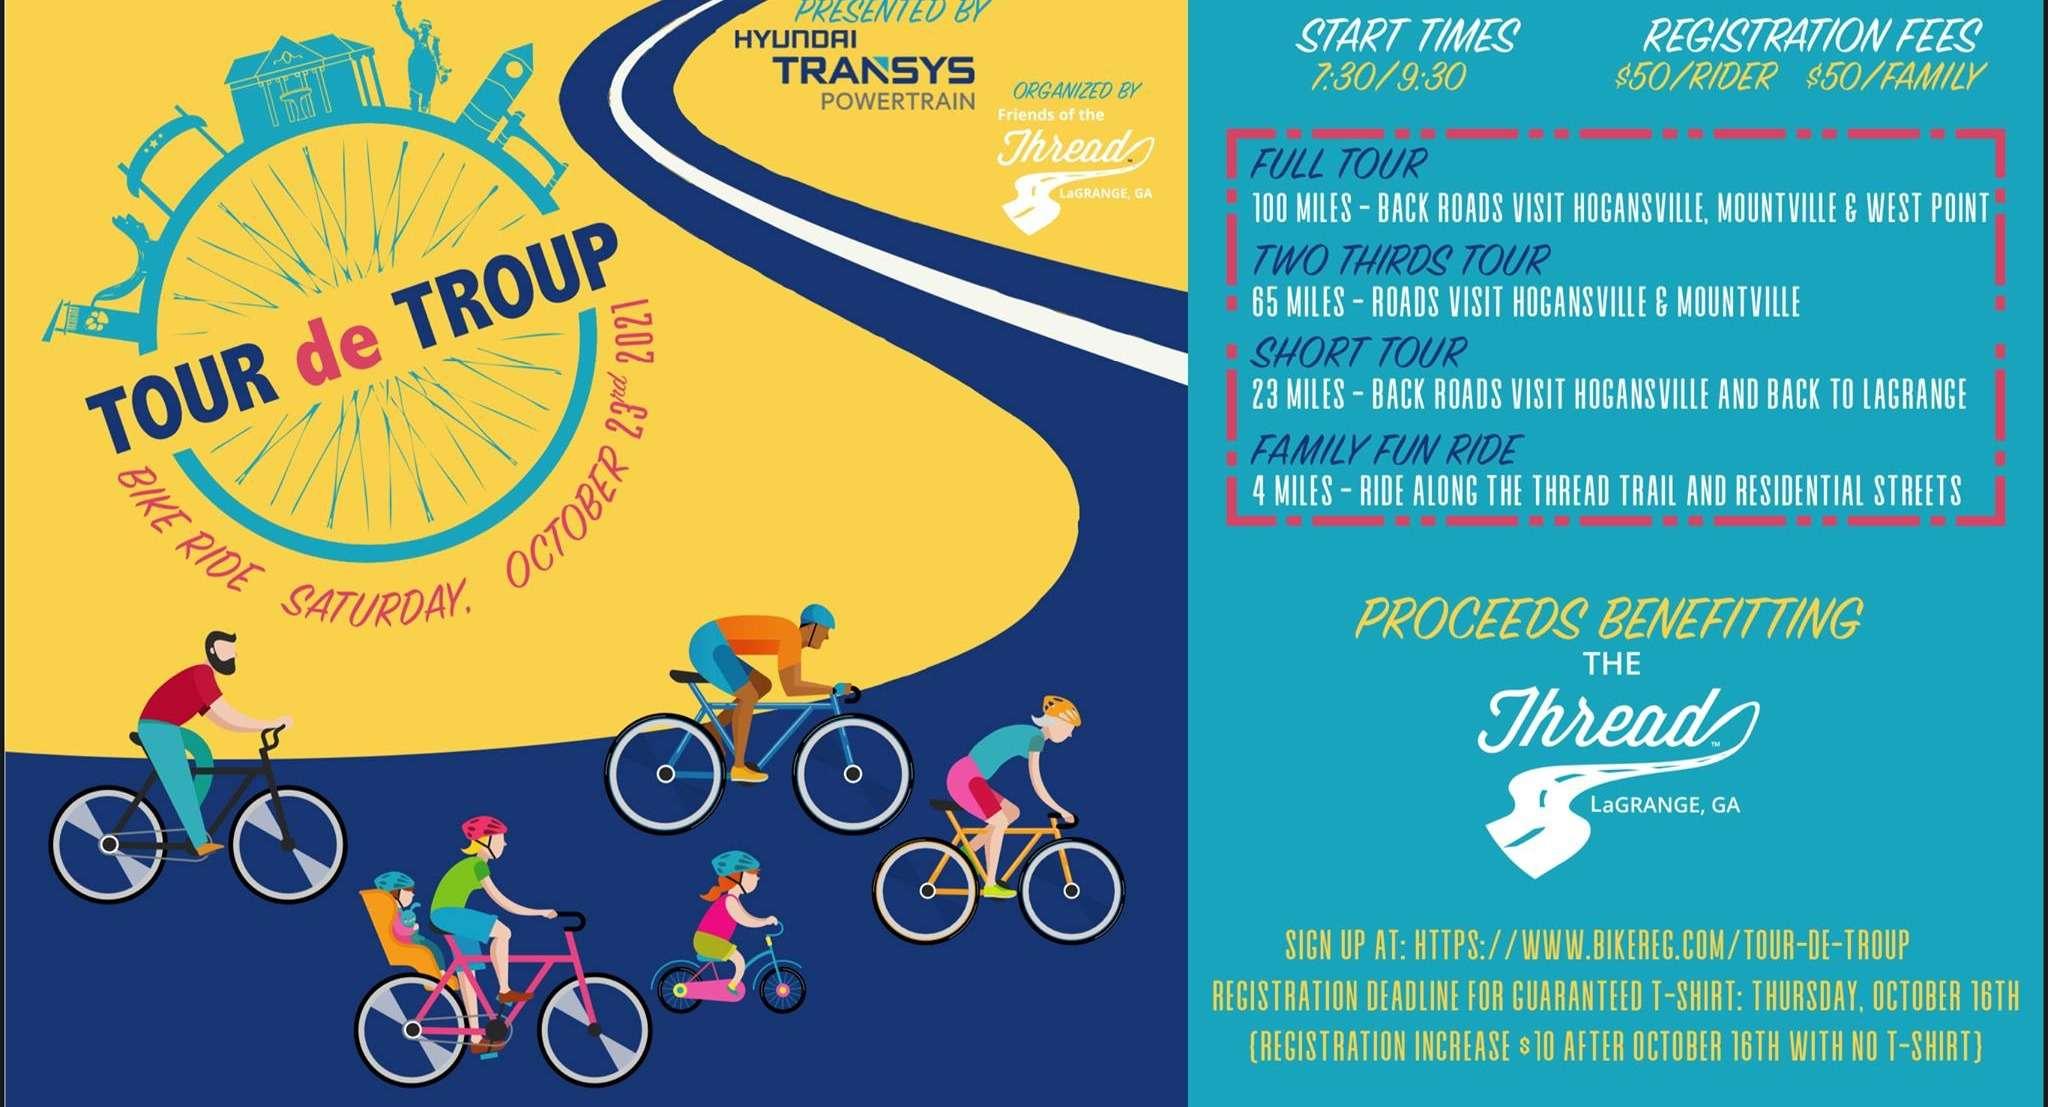 Tour de Troup 2021 flyer